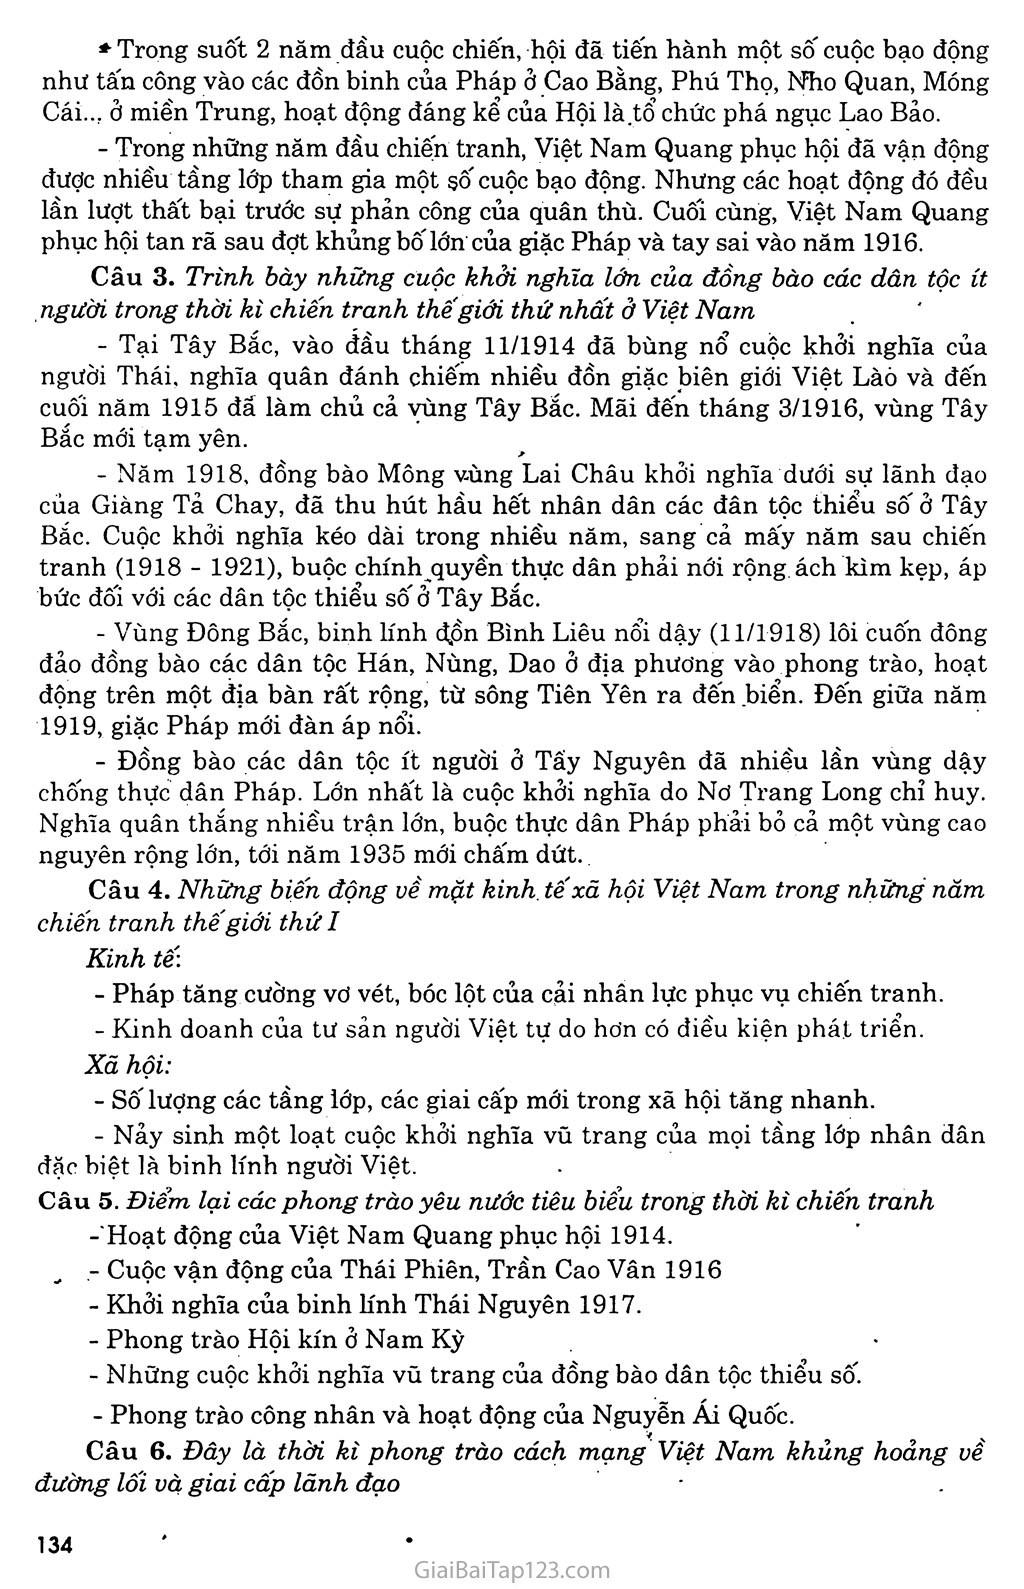 Bài 24: Việt Nam trong những năm chiến tranh thế giới thứ nhất (1914 - 1918) trang 6